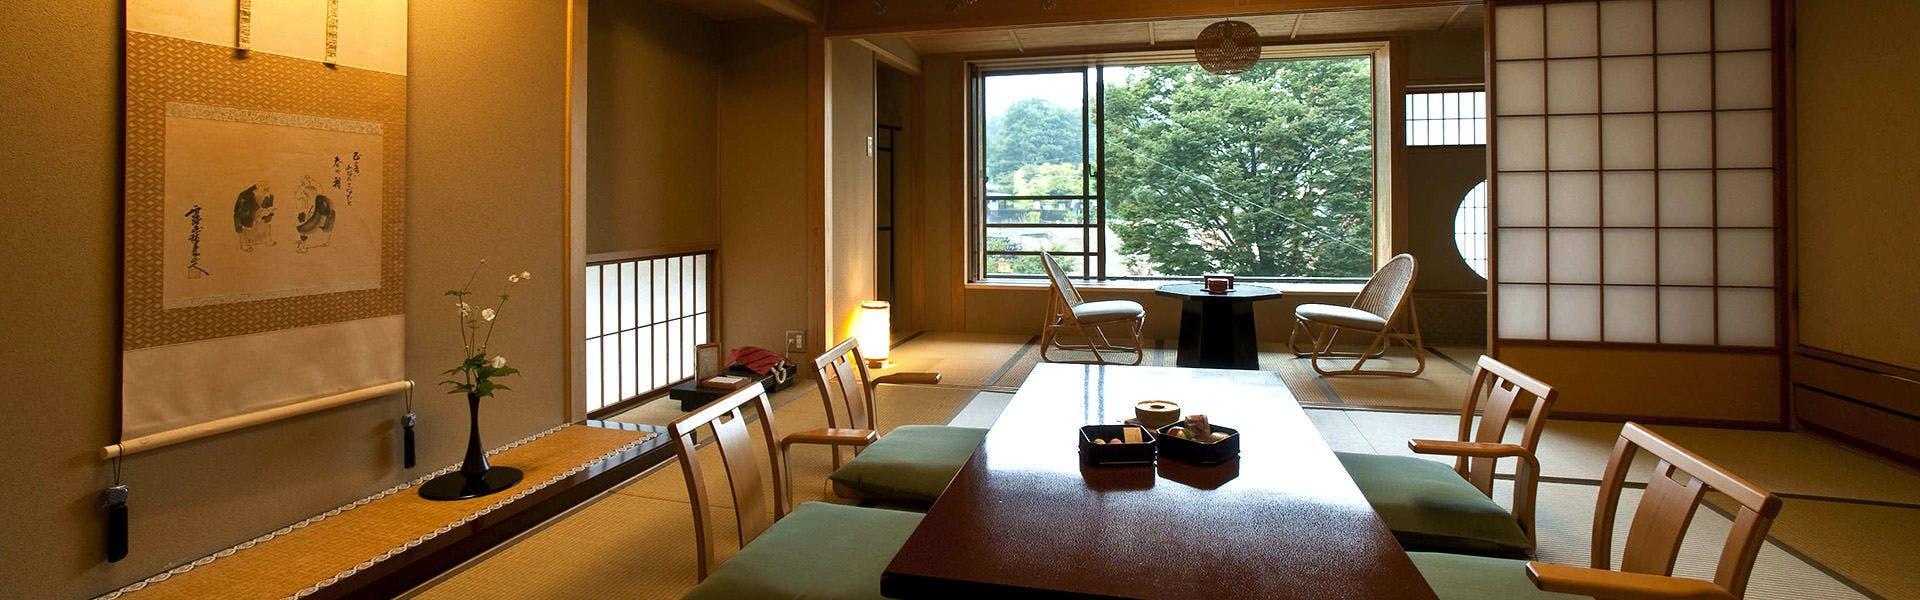 記念日におすすめのホテル・お宿玉樹の写真2